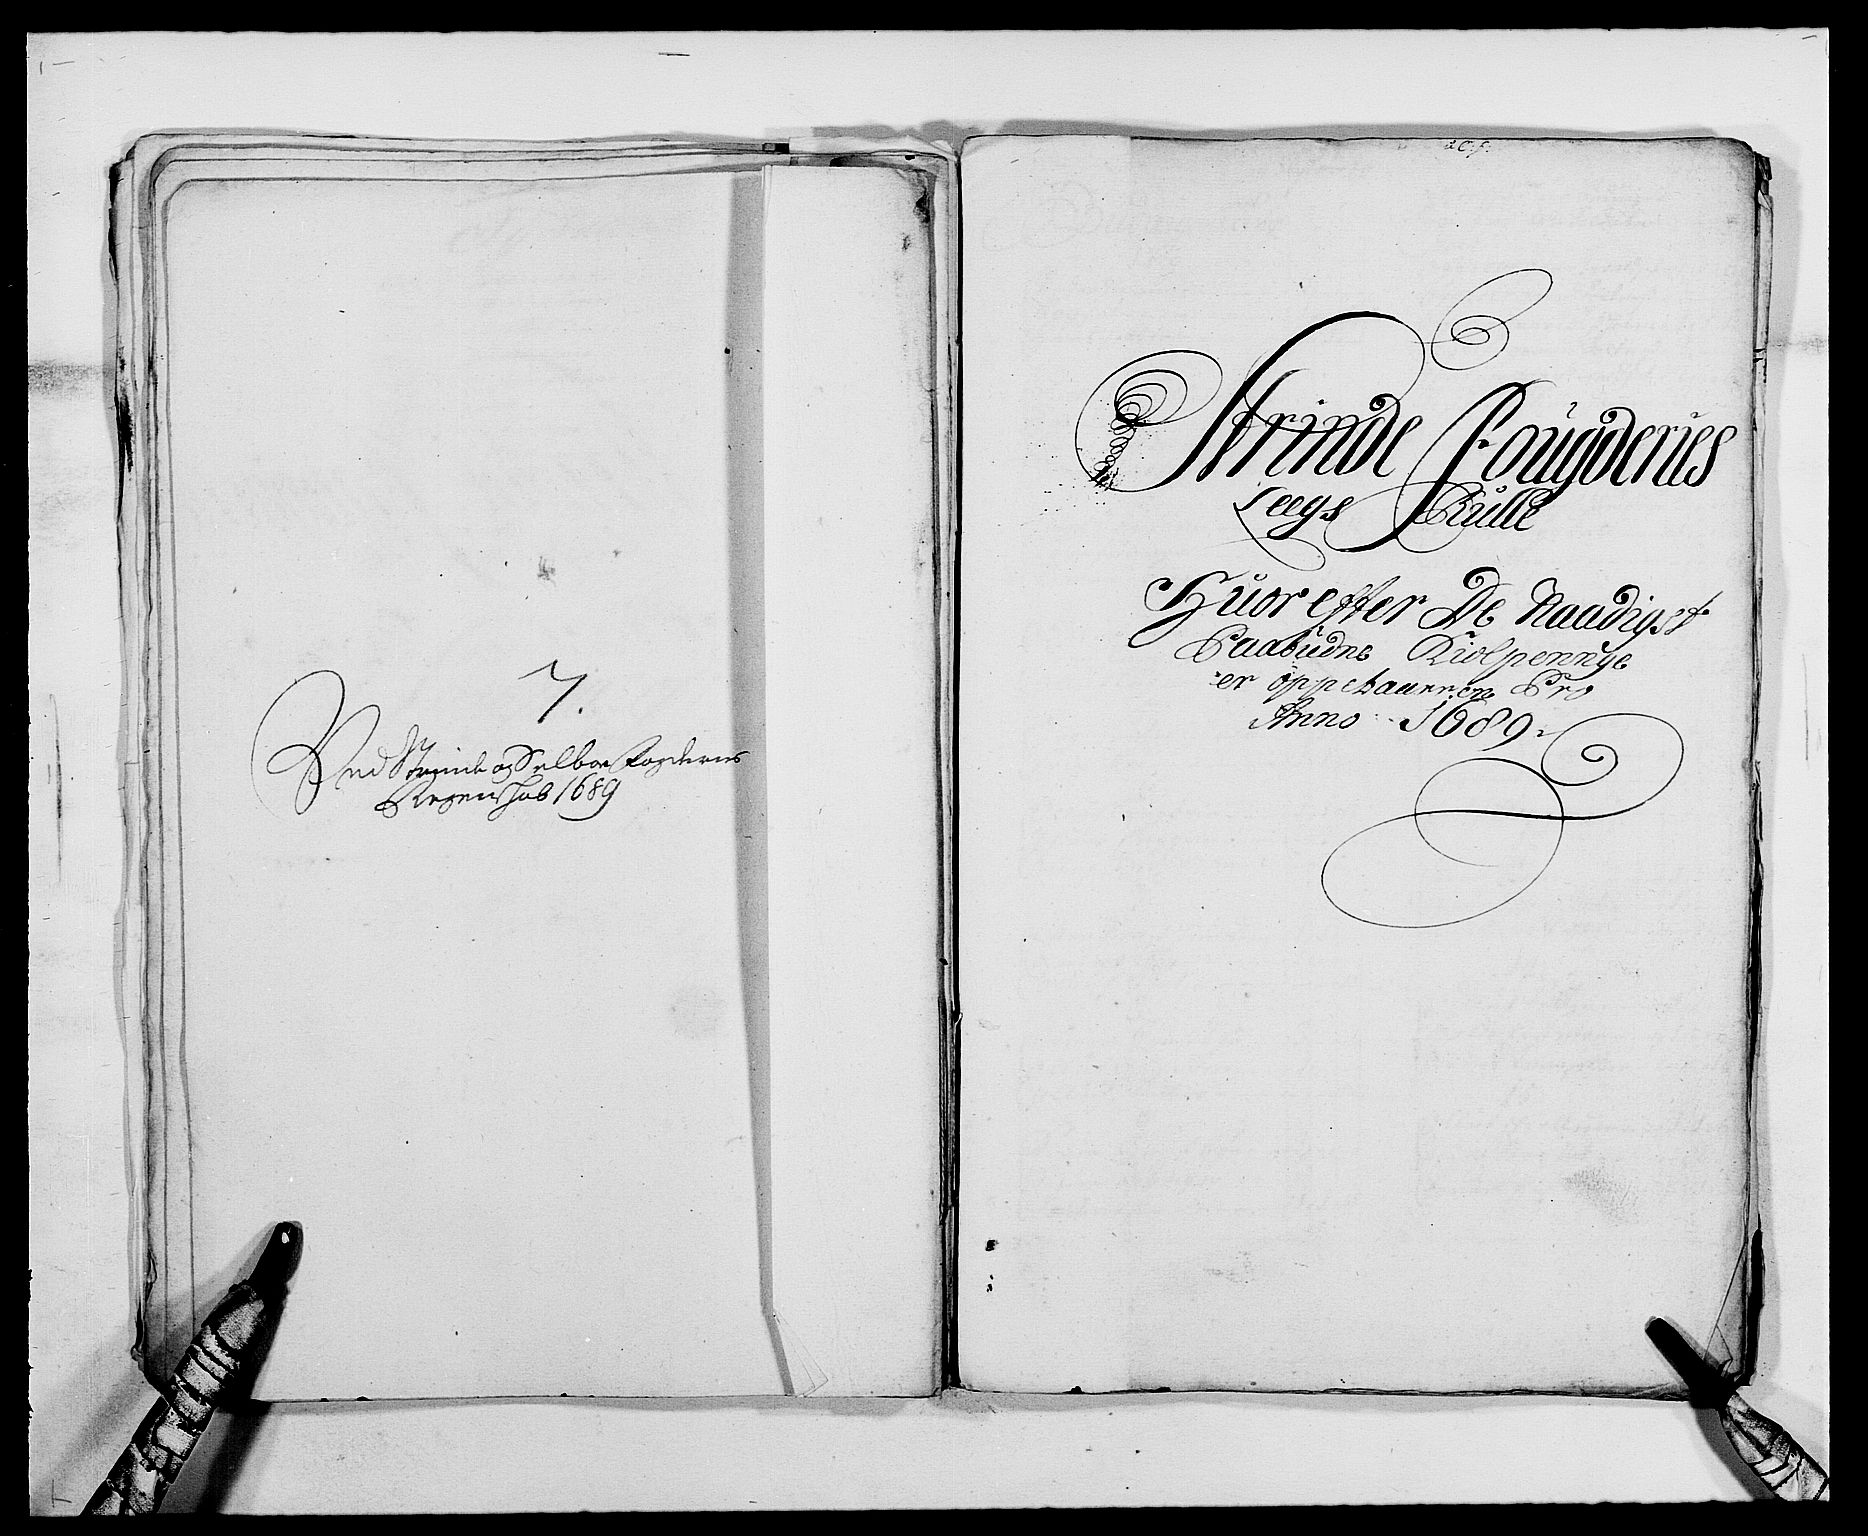 RA, Rentekammeret inntil 1814, Reviderte regnskaper, Fogderegnskap, R61/L4102: Fogderegnskap Strinda og Selbu, 1689-1690, s. 48